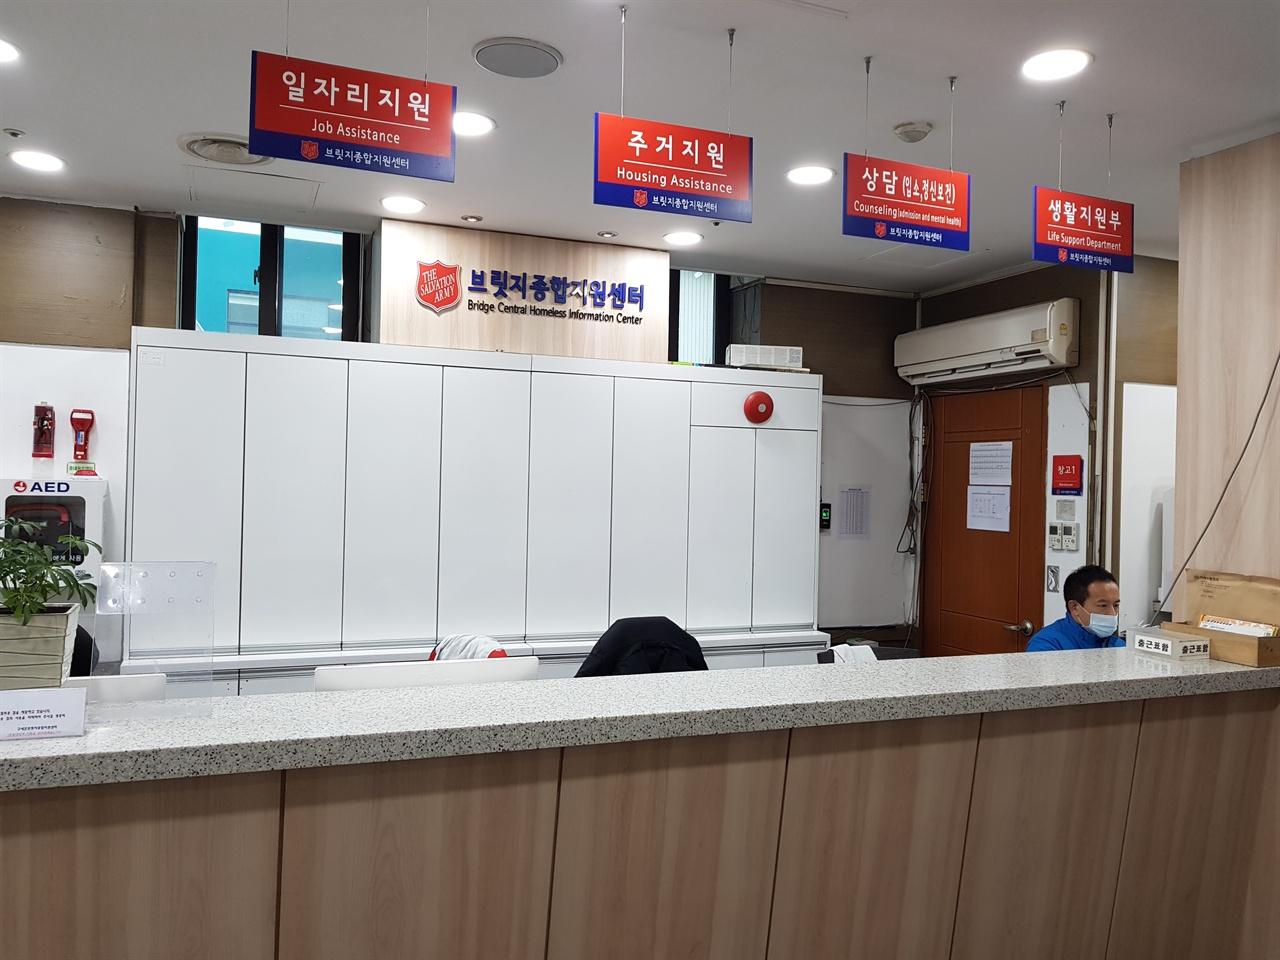 이창준 님이 지원주택을 소개 받은 노숙인 지원센터